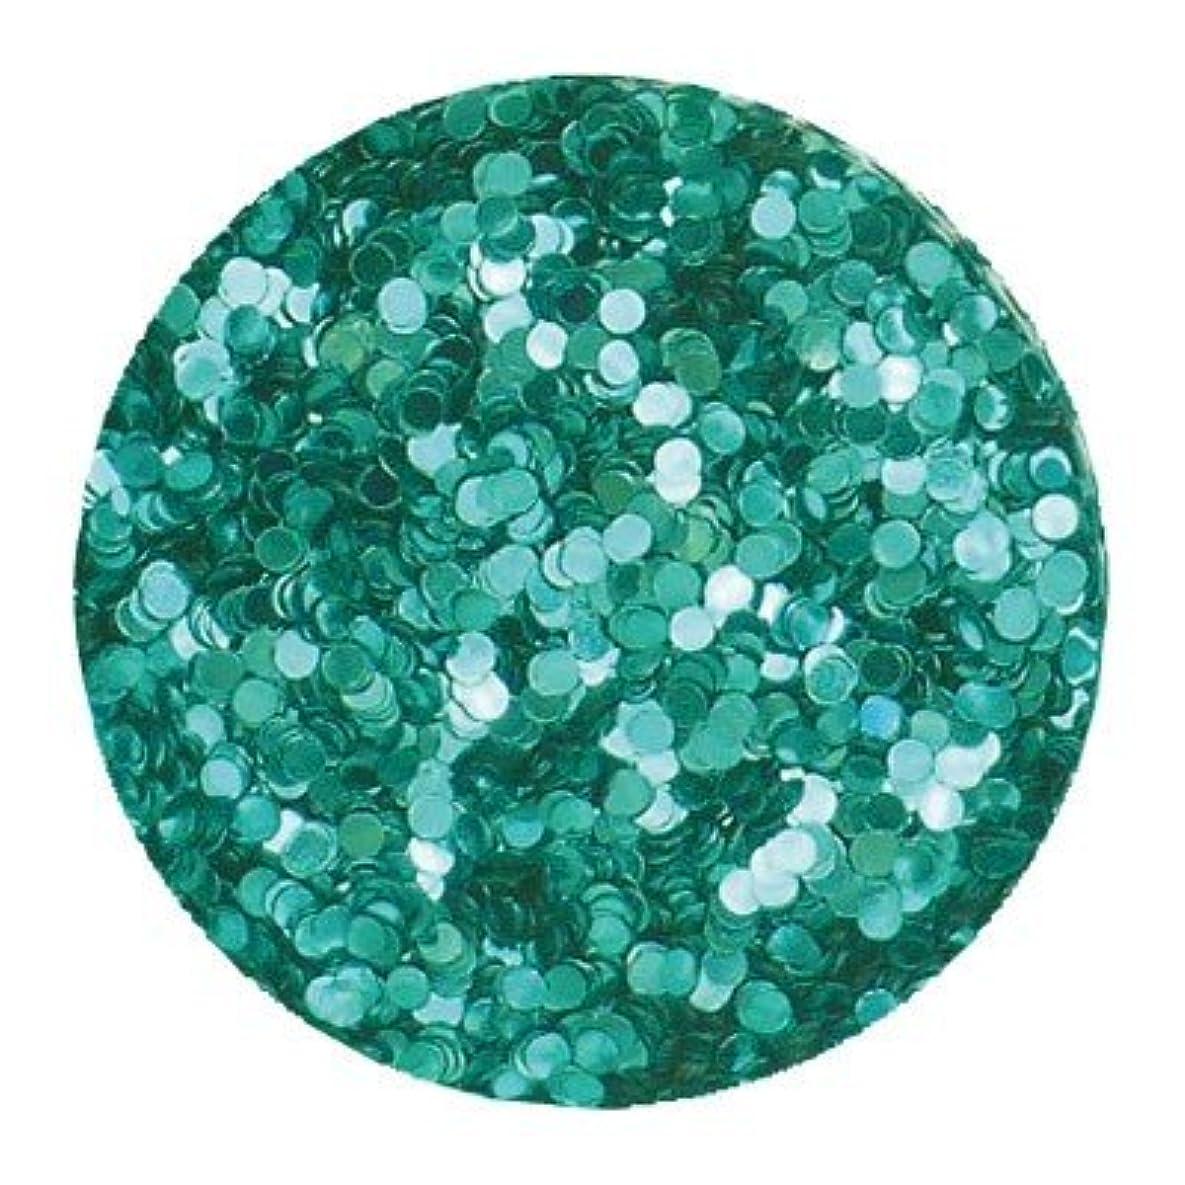 はっきりしない永久に主張するエリコネイルメタリックブルーグリーン1mm